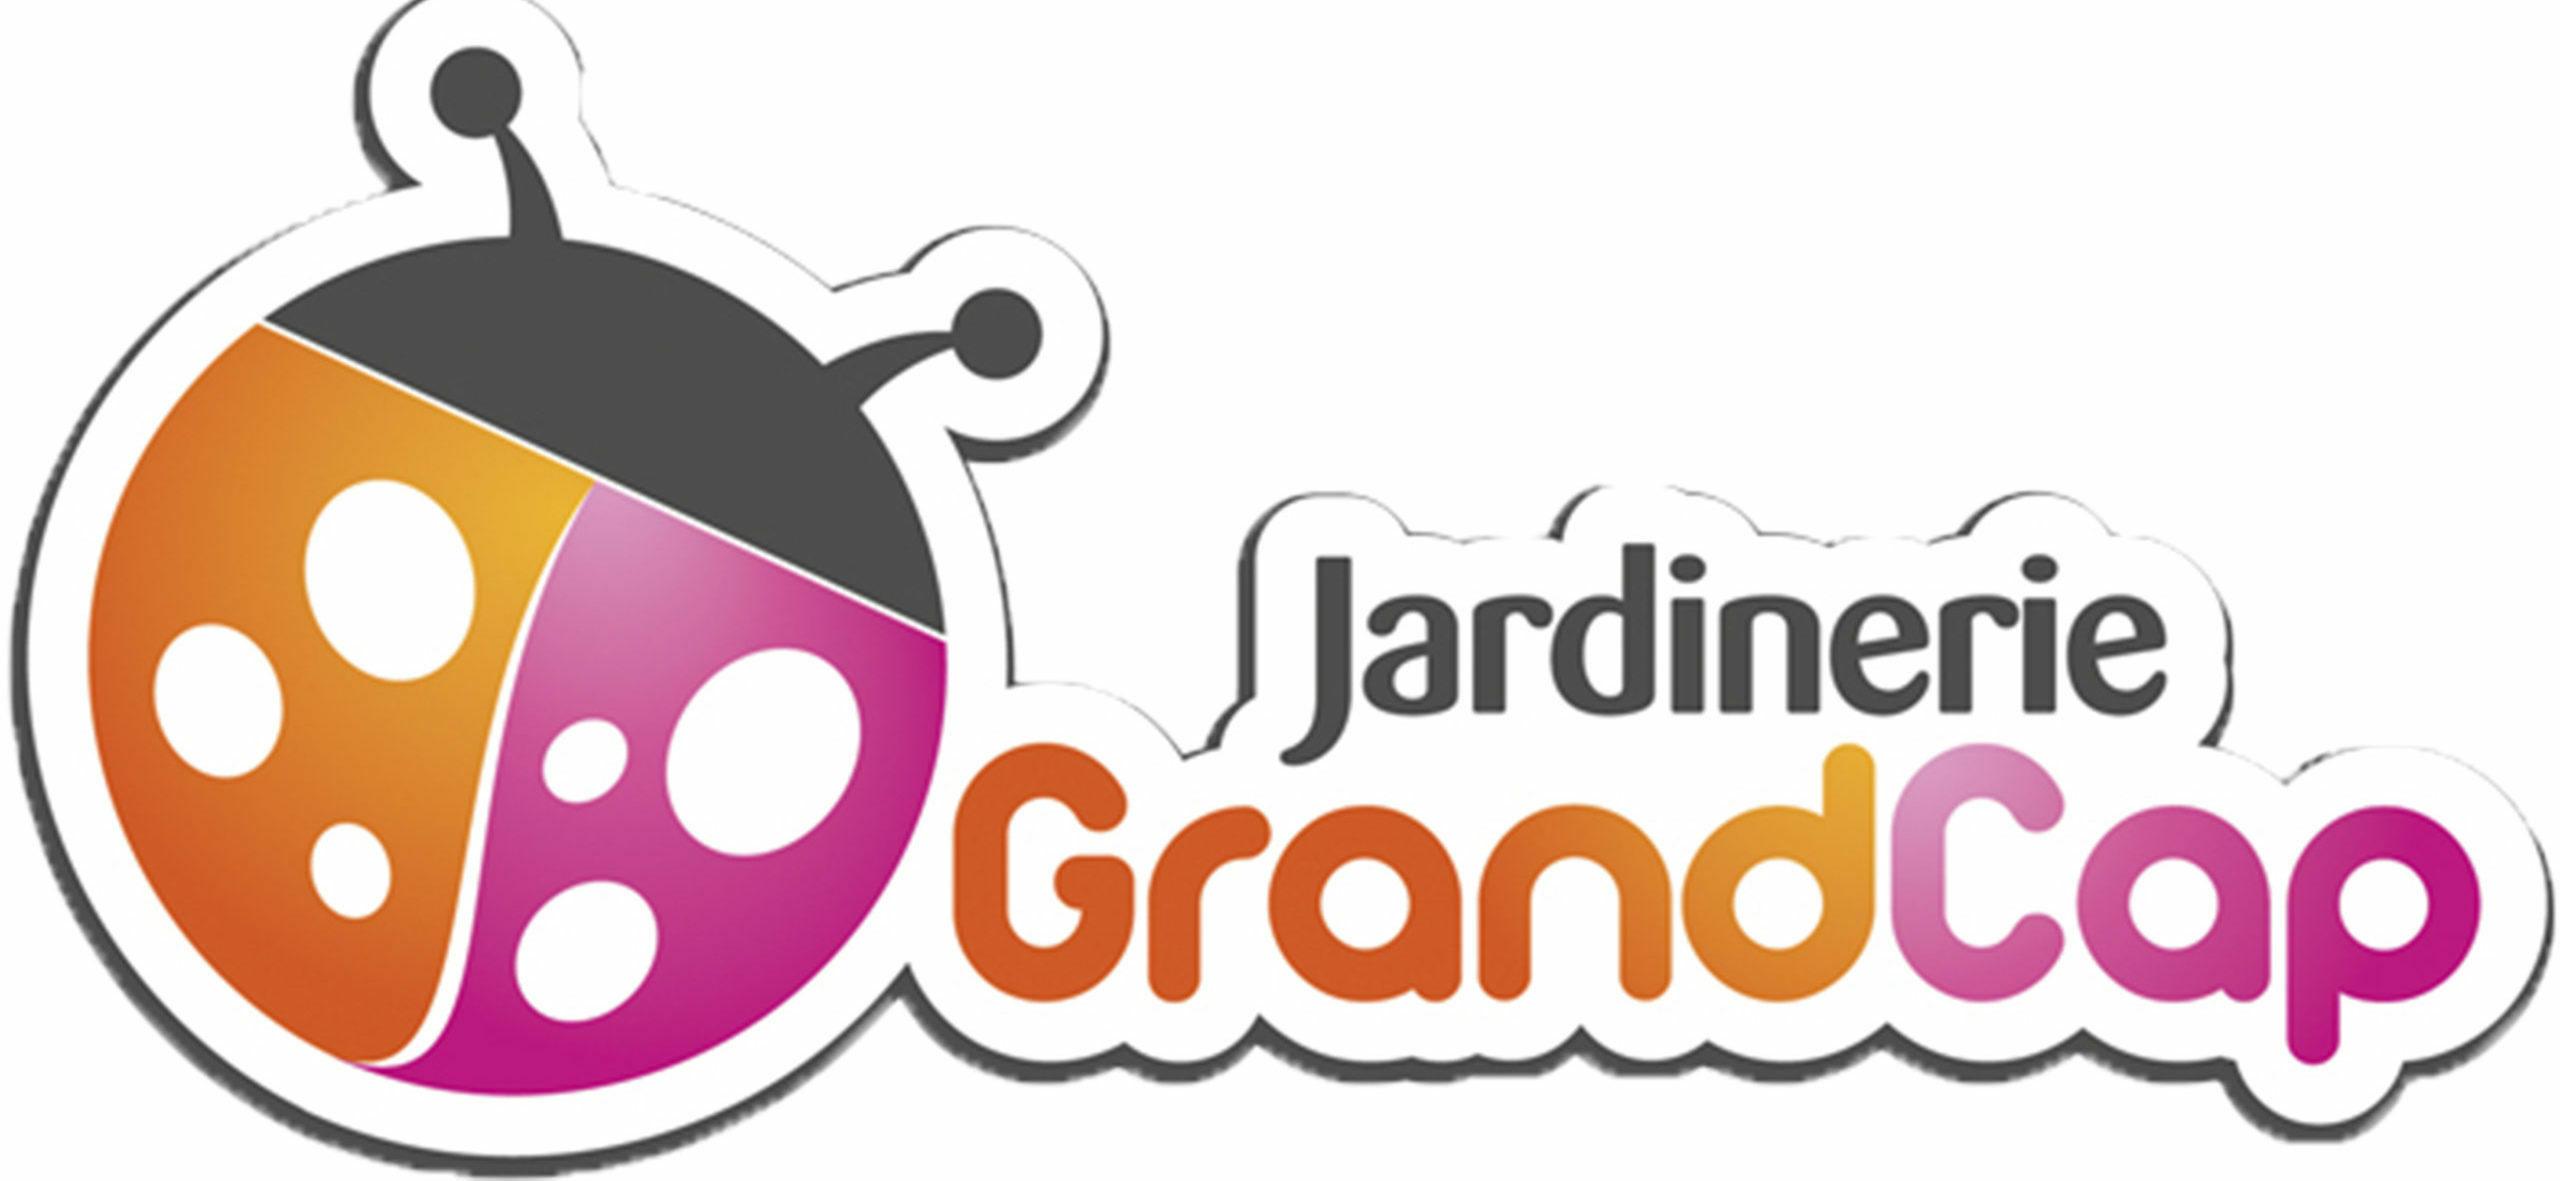 Jardinerie Grand Cap